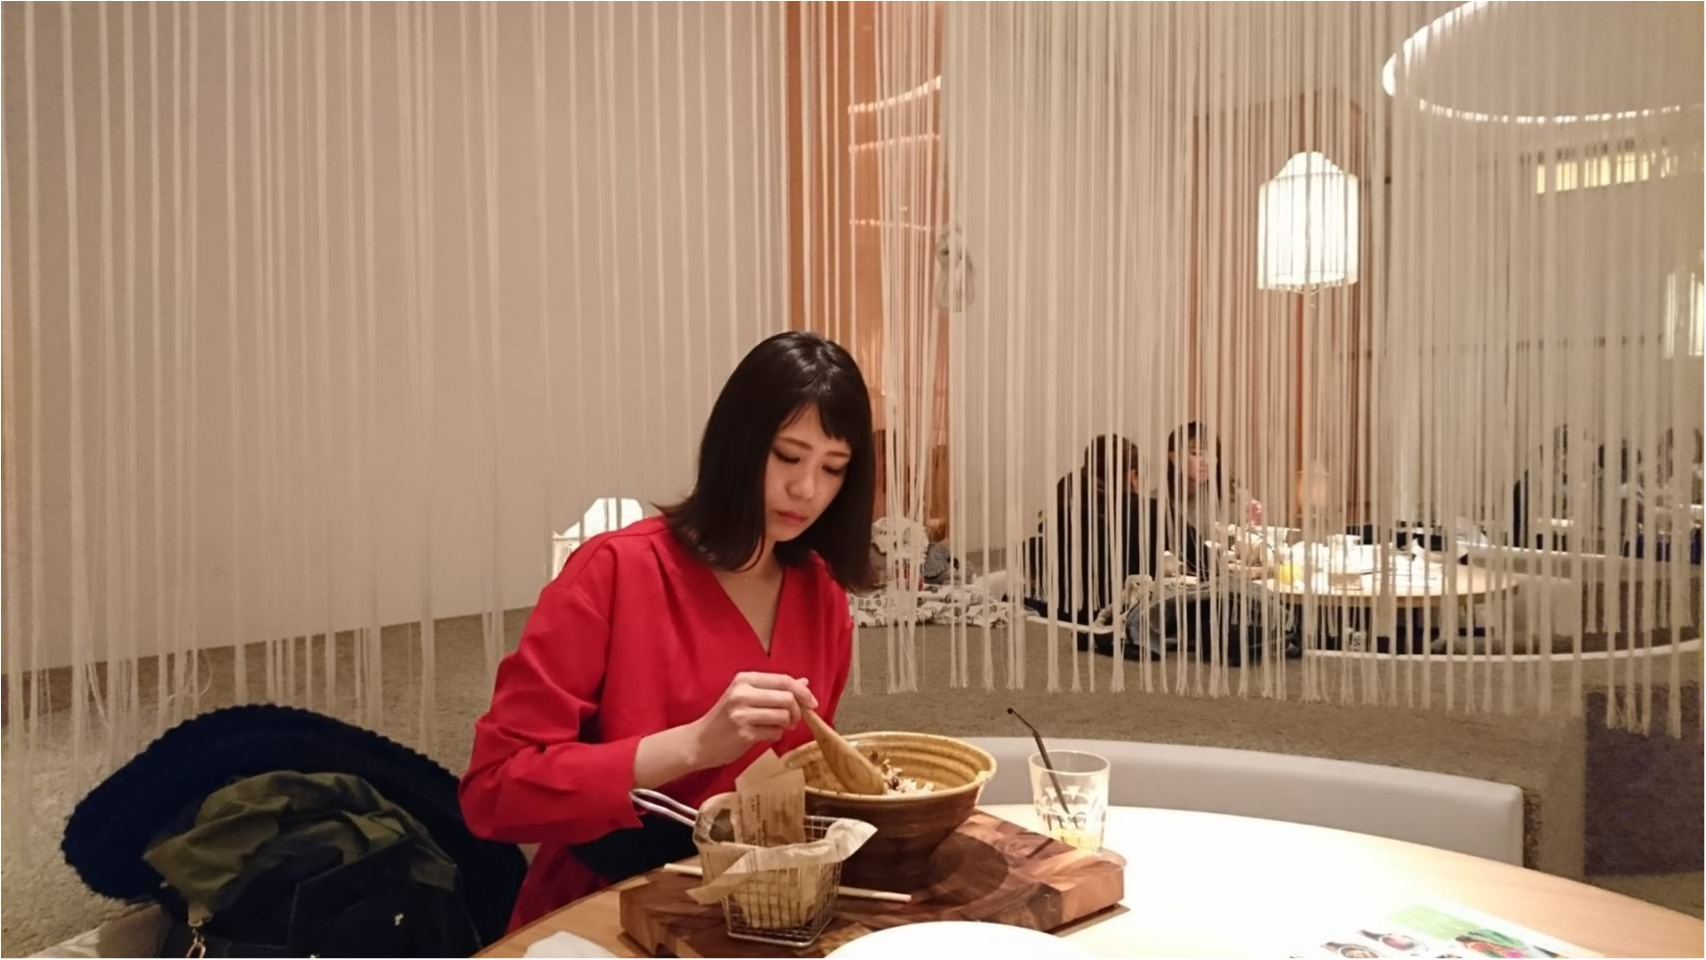 新宿で子供連れランチにおすすめなお店♡小さなお子様も安心の空間♡味も絶品♡落ち着く空間でゆったりランチ♡_6